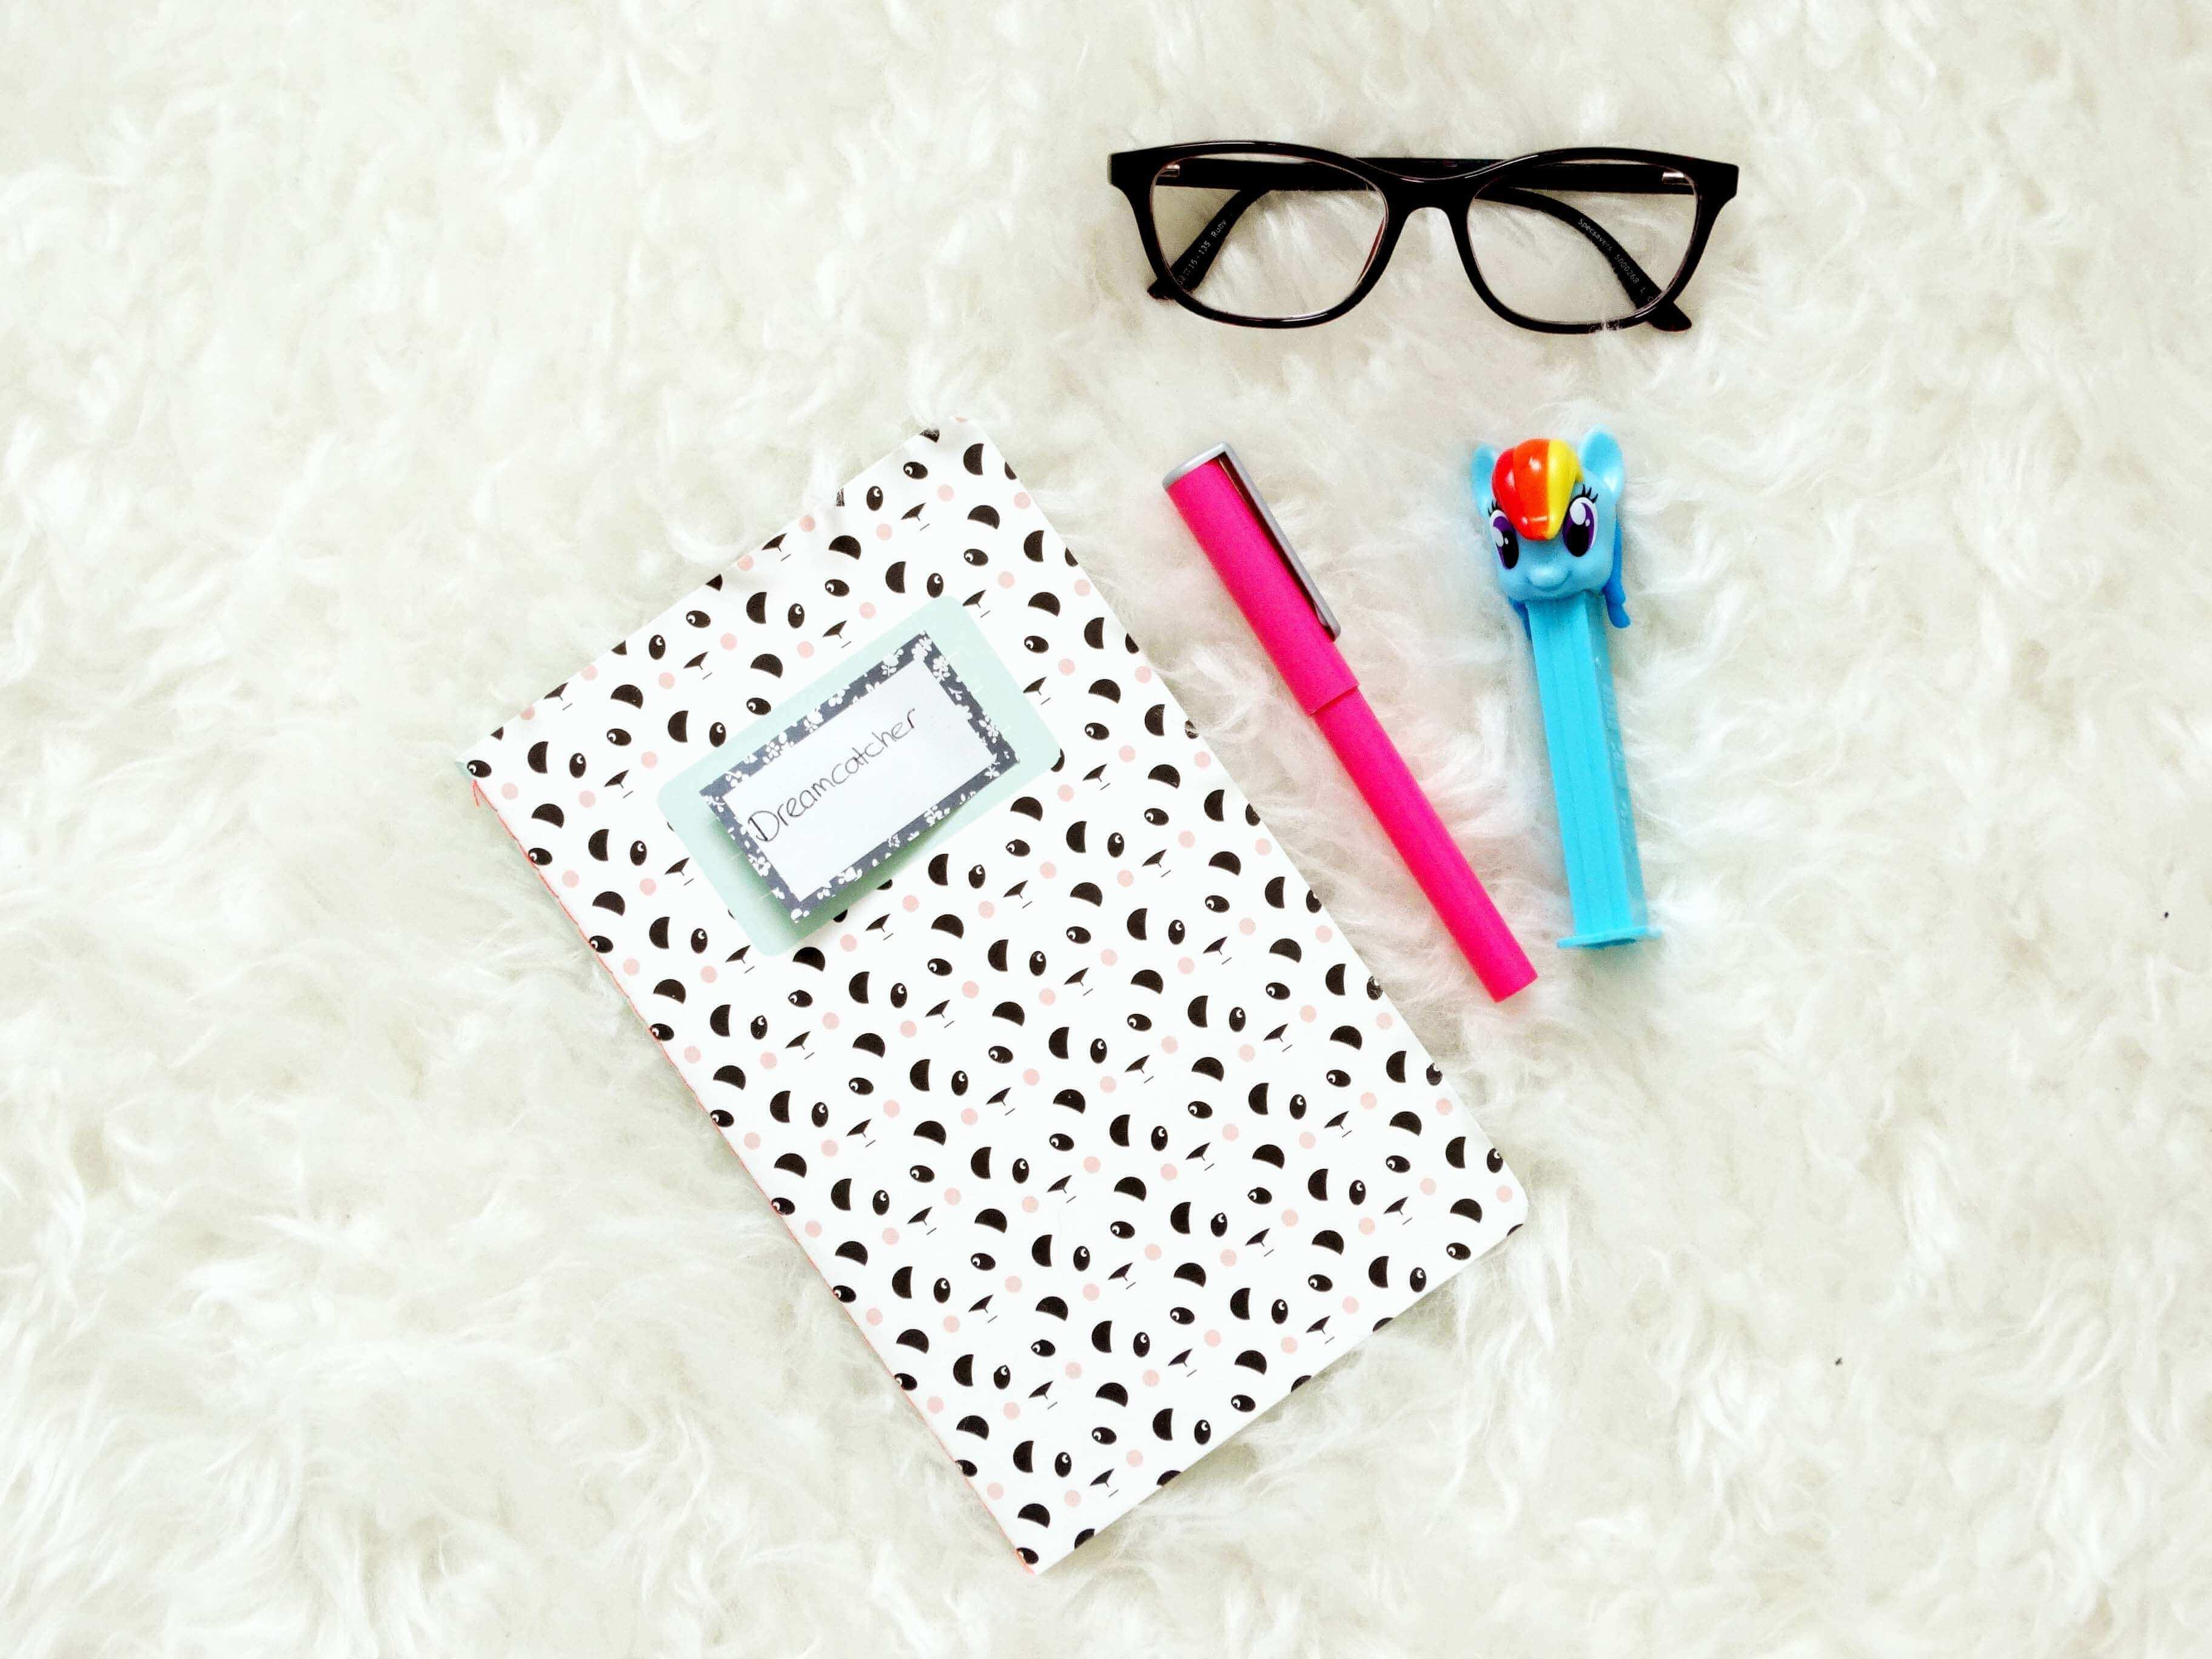 Dromendagboek bijhouden helpt inzicht krijgen